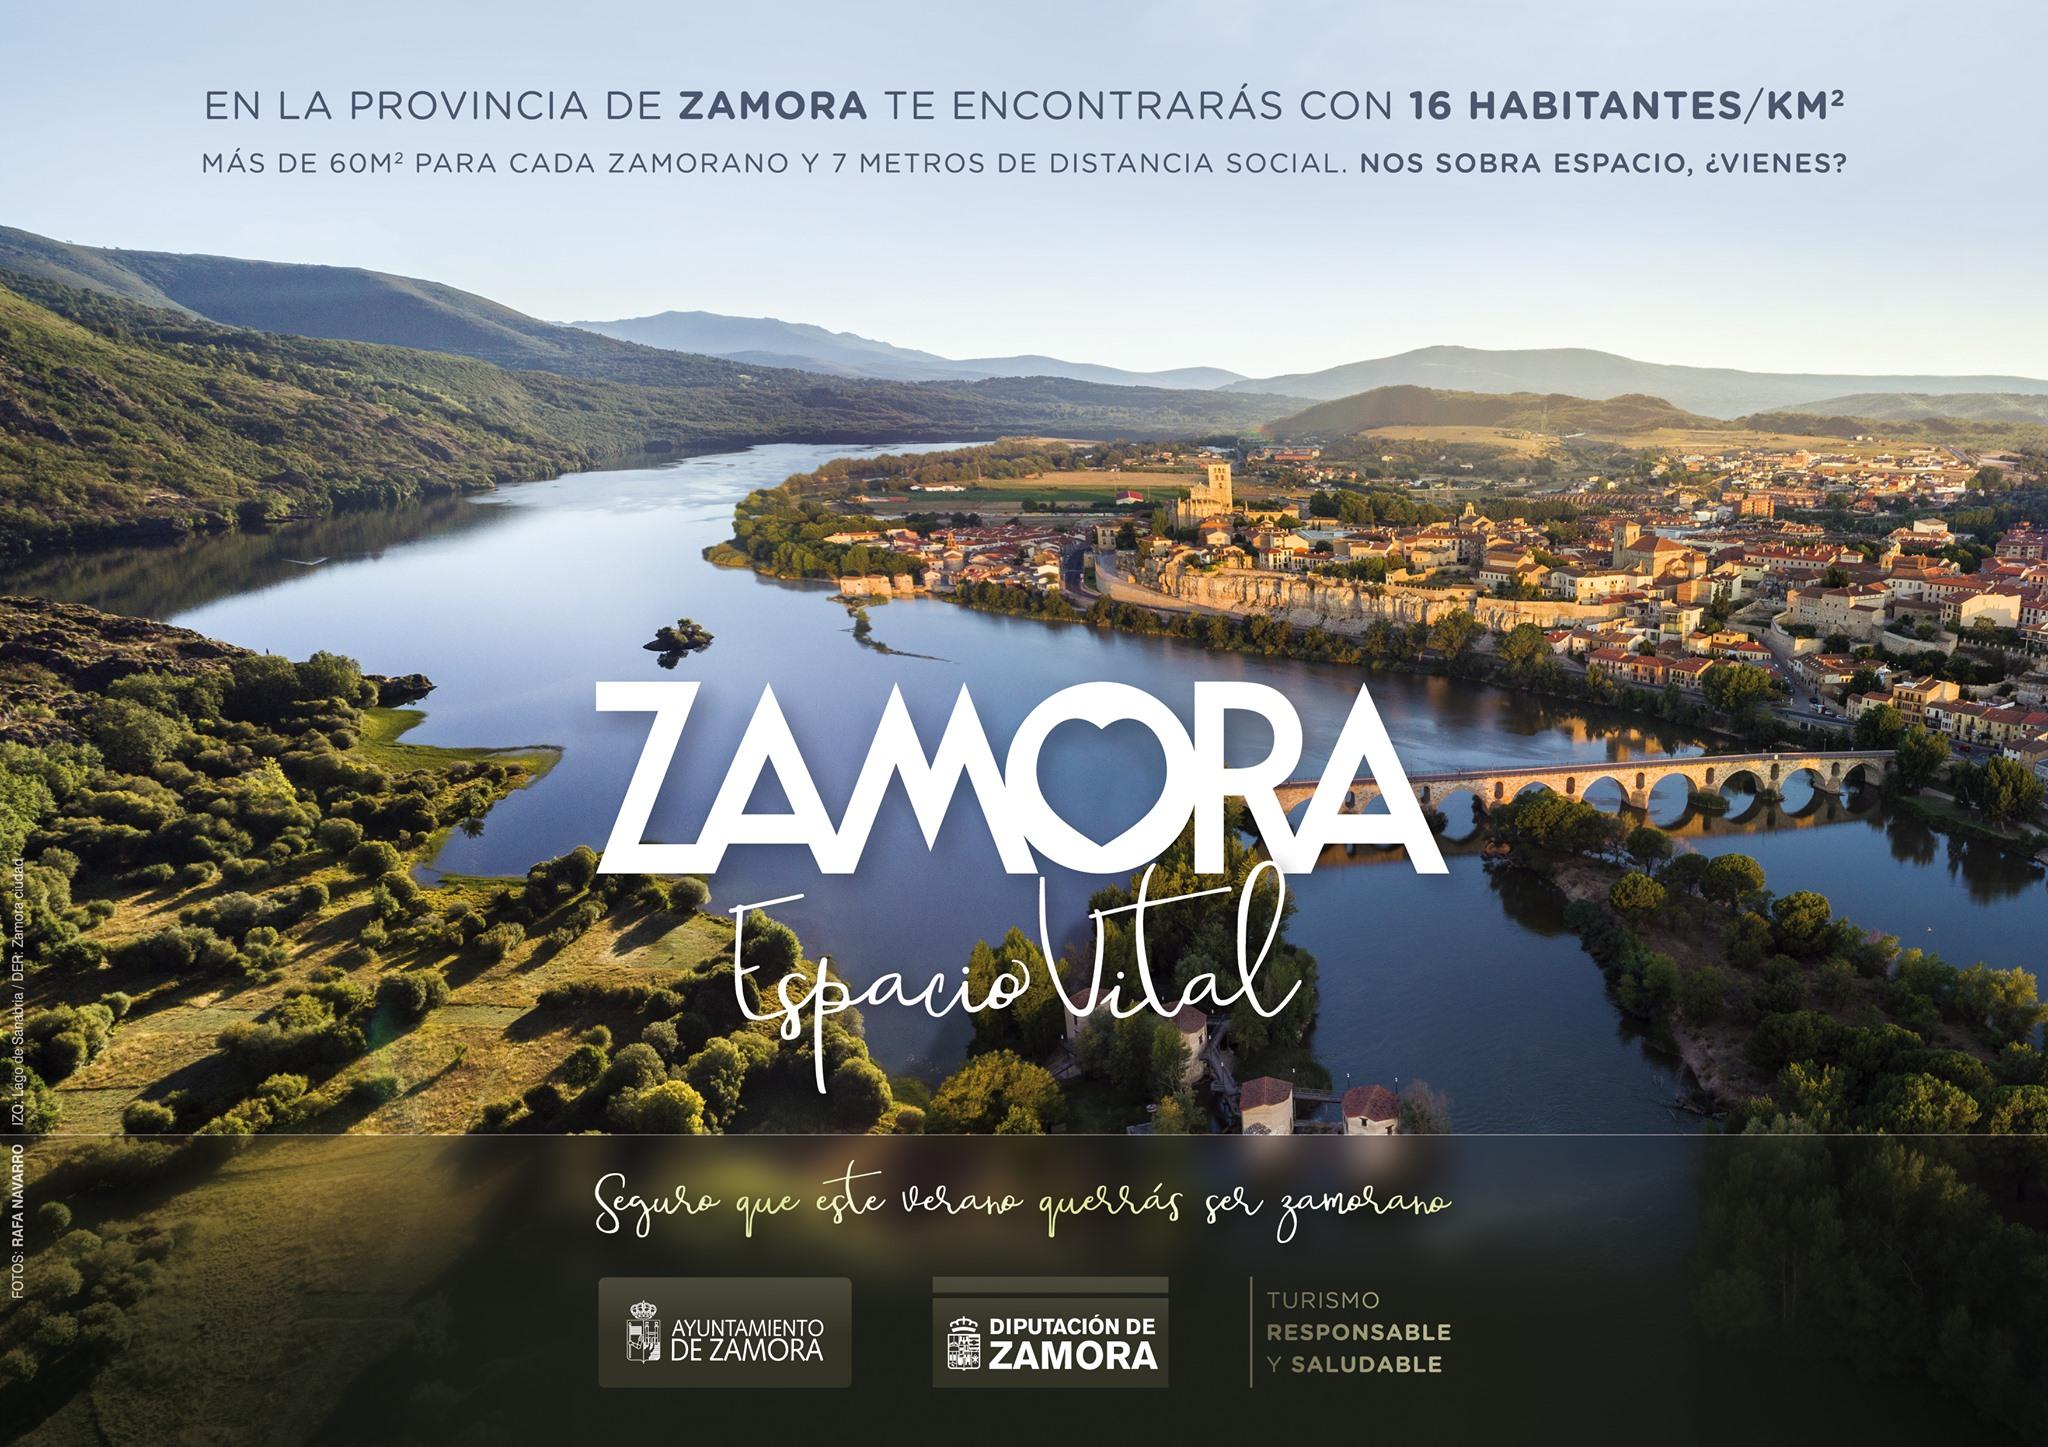 Diputación y Ayuntamiento de Zamora inician su colaboración en turismo con una campaña dirigida a Madrid, País Vasco, Galicia y Castilla y León